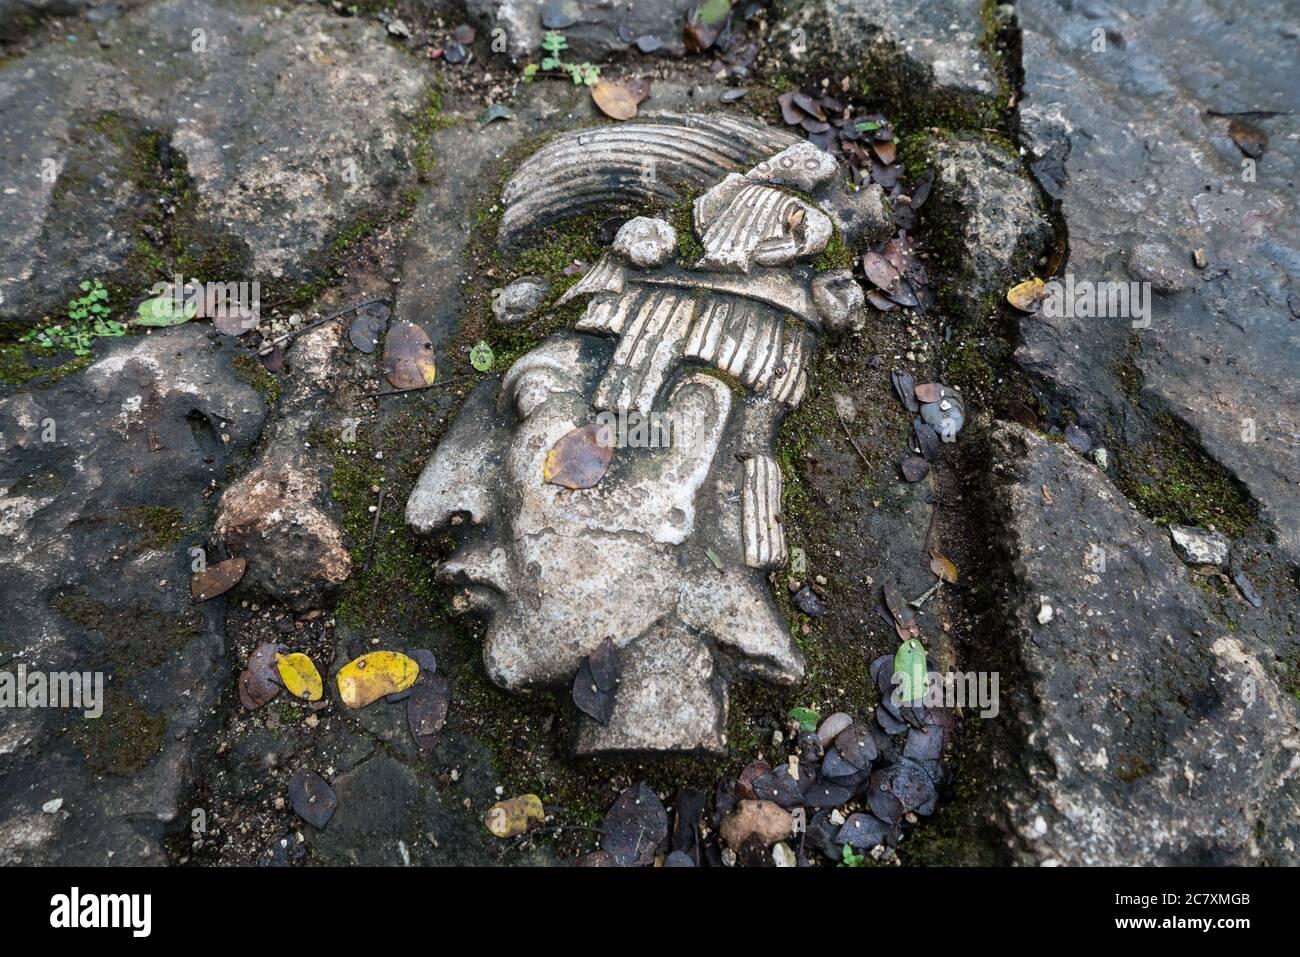 Réplique d'une sculpture maya dans la passerelle à Cenote Samula près de Dzitnup, Yucatan, Mexique. Banque D'Images